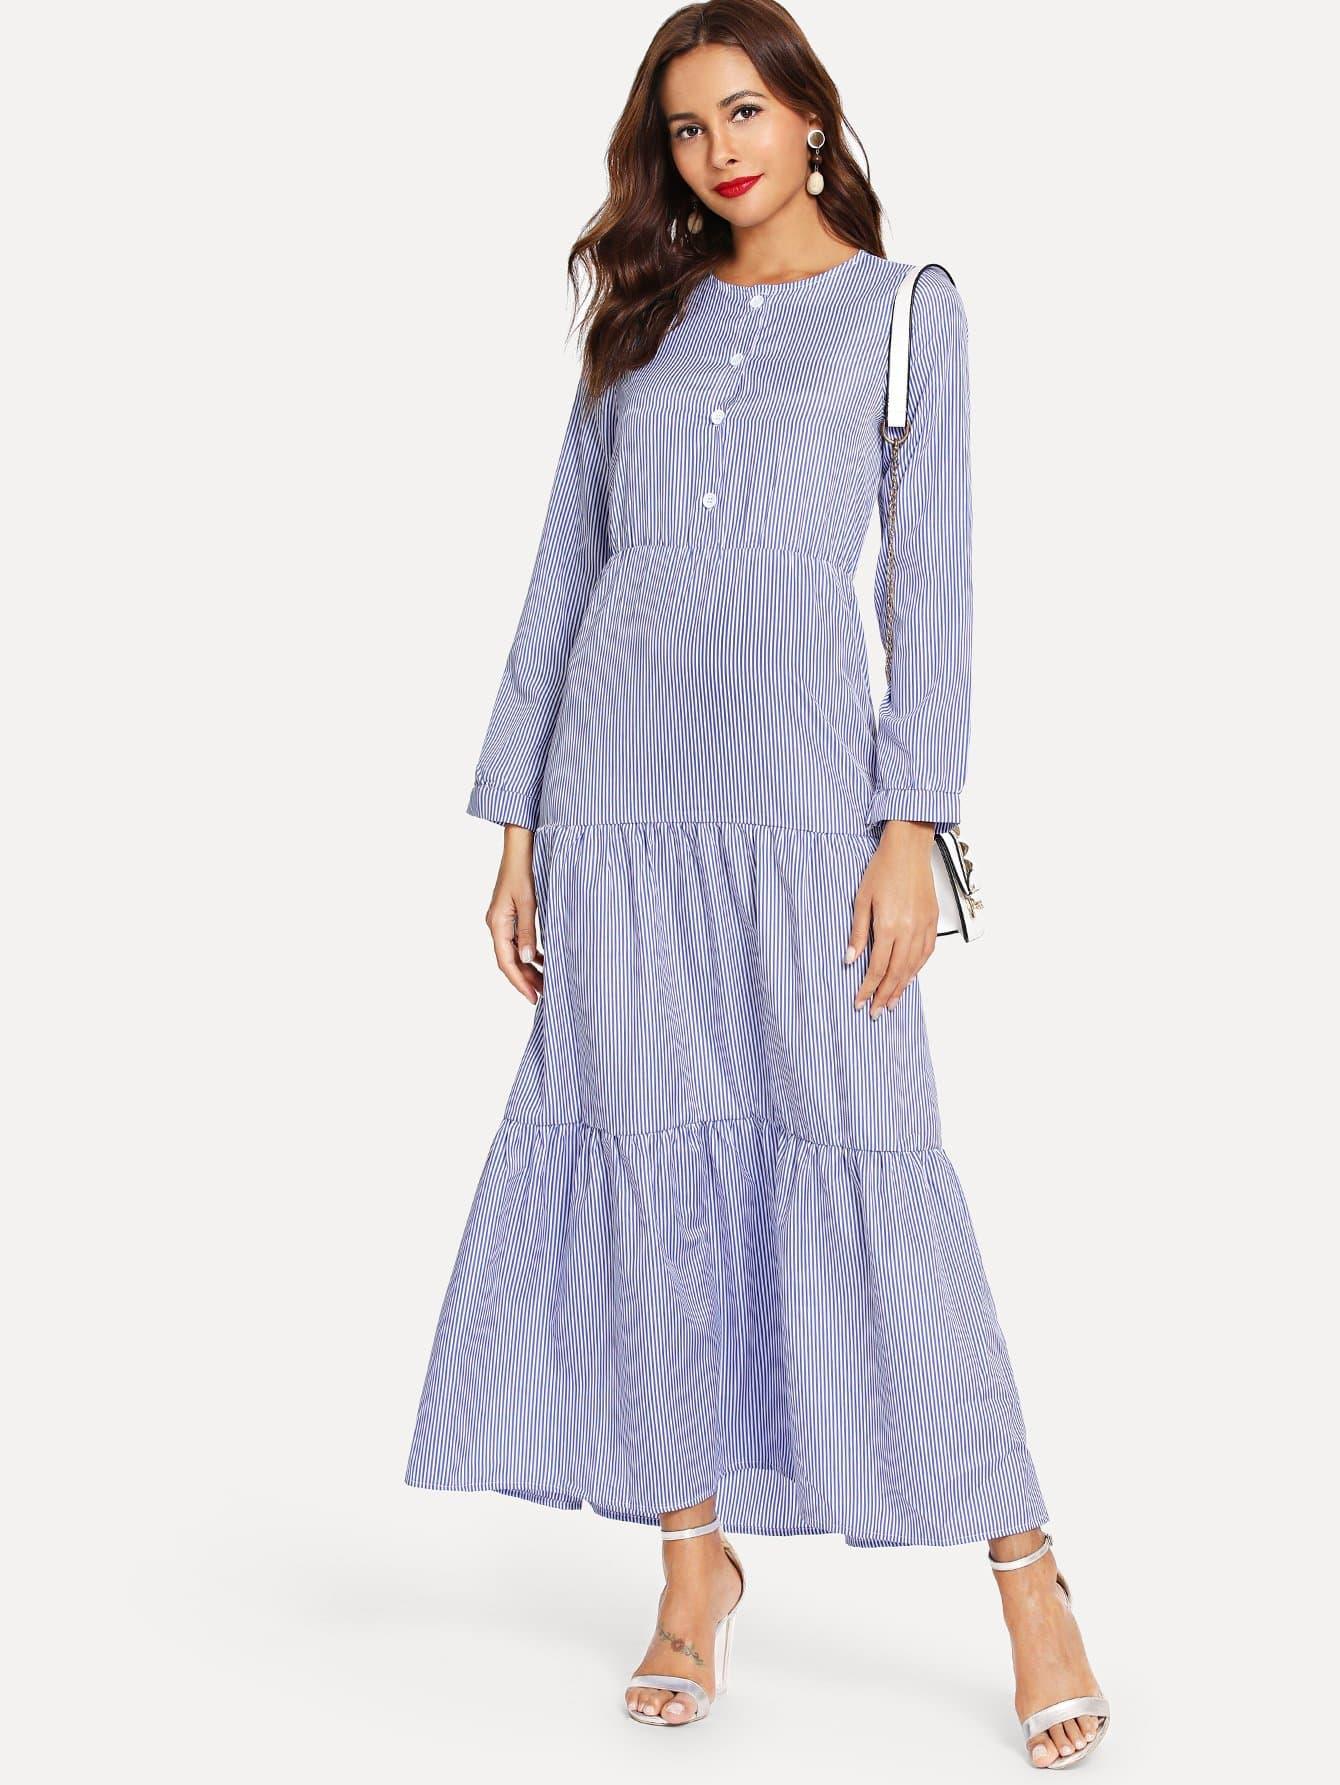 Купить Полосатое платье и с украшением пуговицы перед одежды, Giulia, SheIn